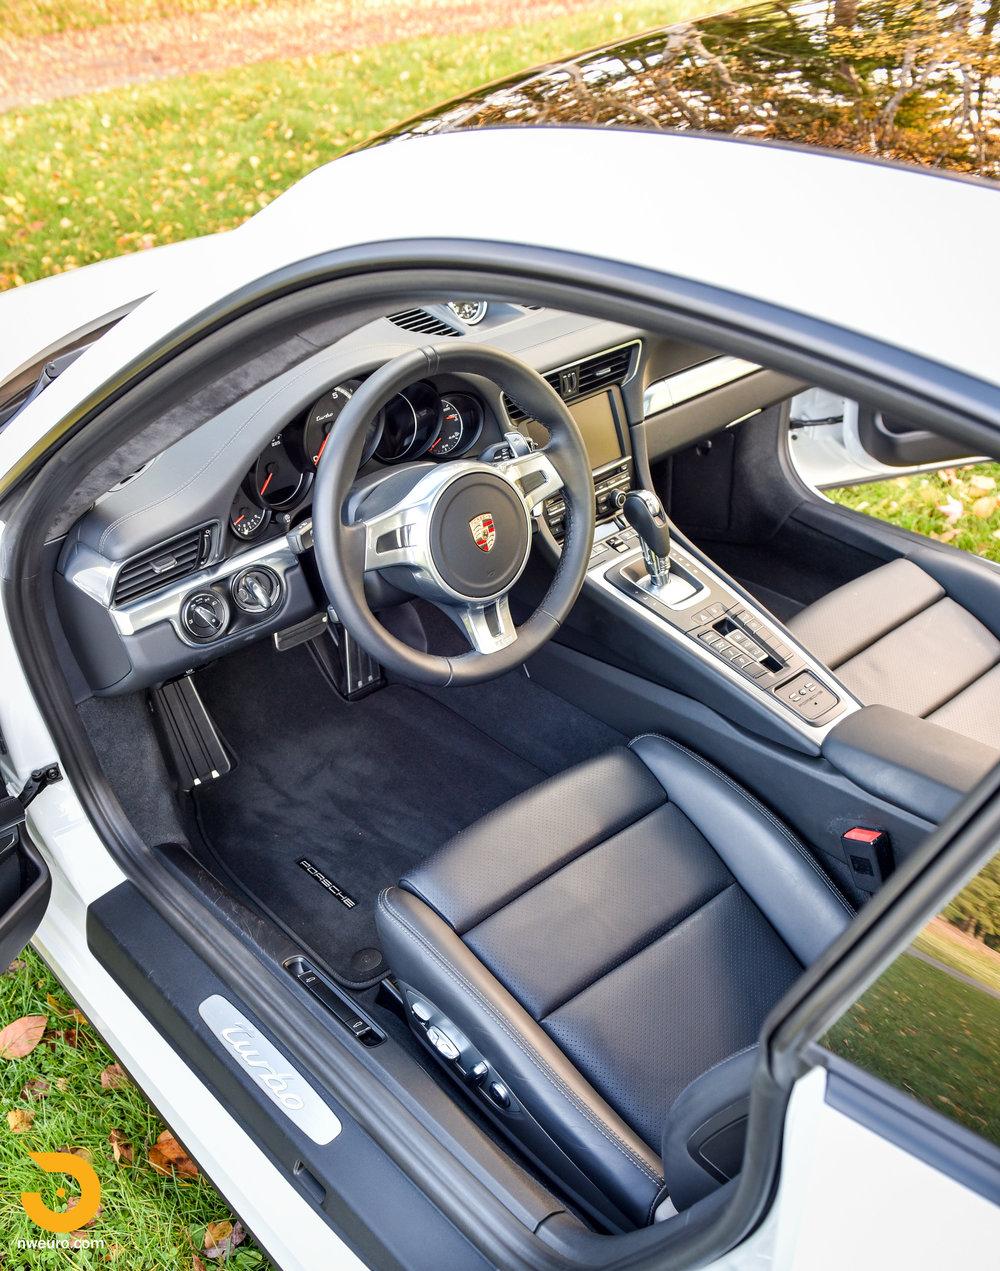 2014 Porsche 911 Turbo-25.jpg